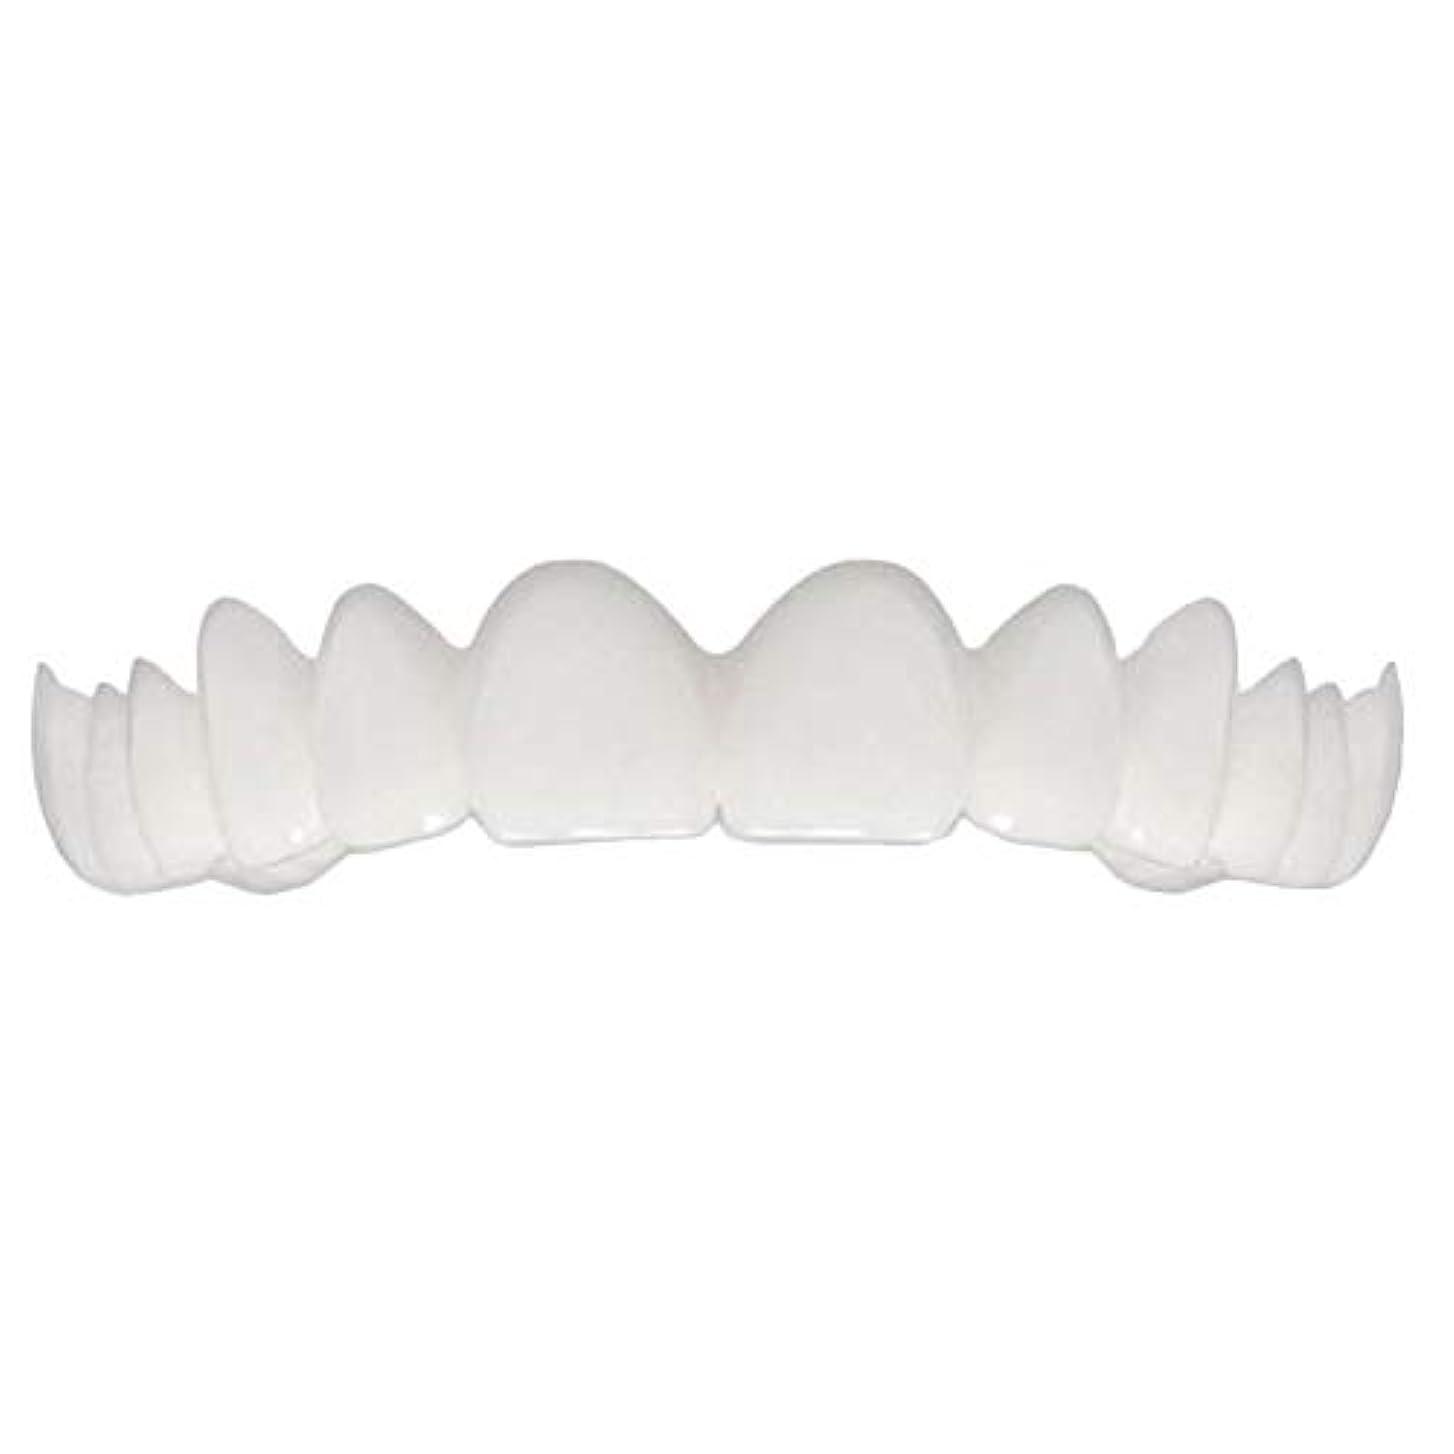 罪悪感フォーラム楽しむユニセックスシリコン模擬義歯、ホワイトニングフィット義歯(2pcs),Upper